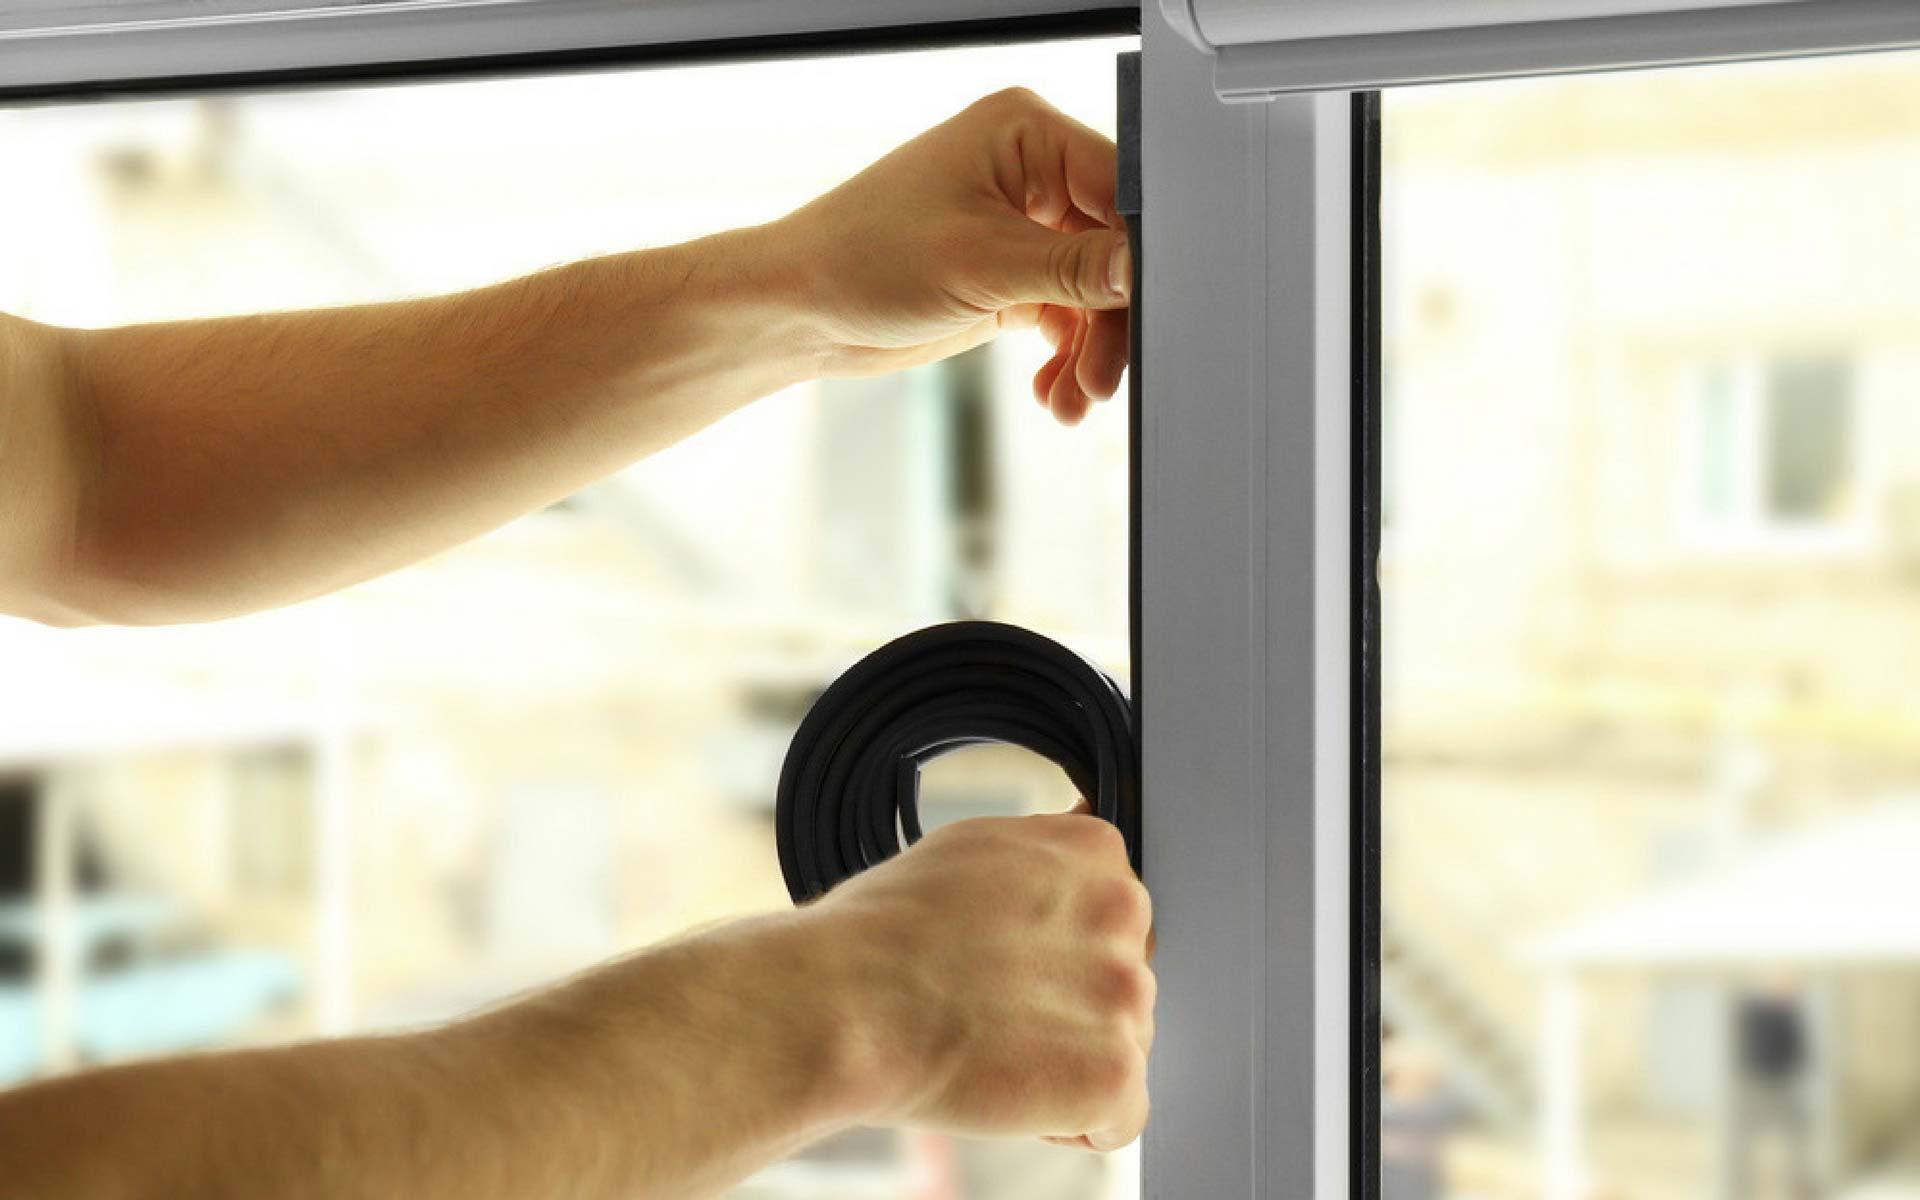 Sostituire le vecchie guarnizioni delle finestre con quelle nuove a lunga durata